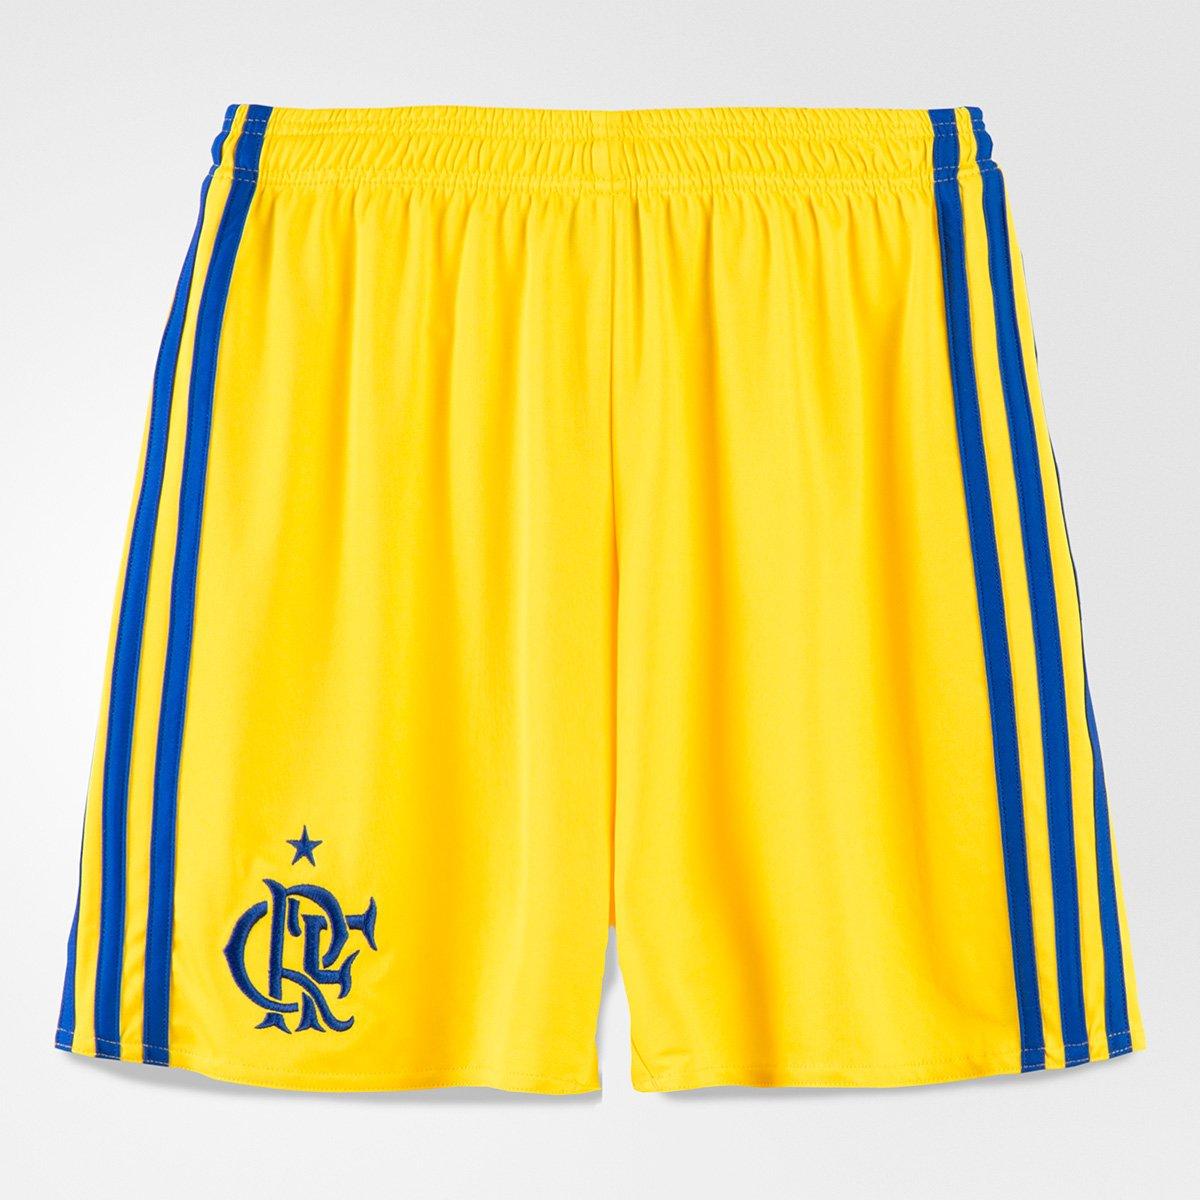 6404e4015276d Calção Flamengo Infantil III 17 18 Adidas - Compre Agora